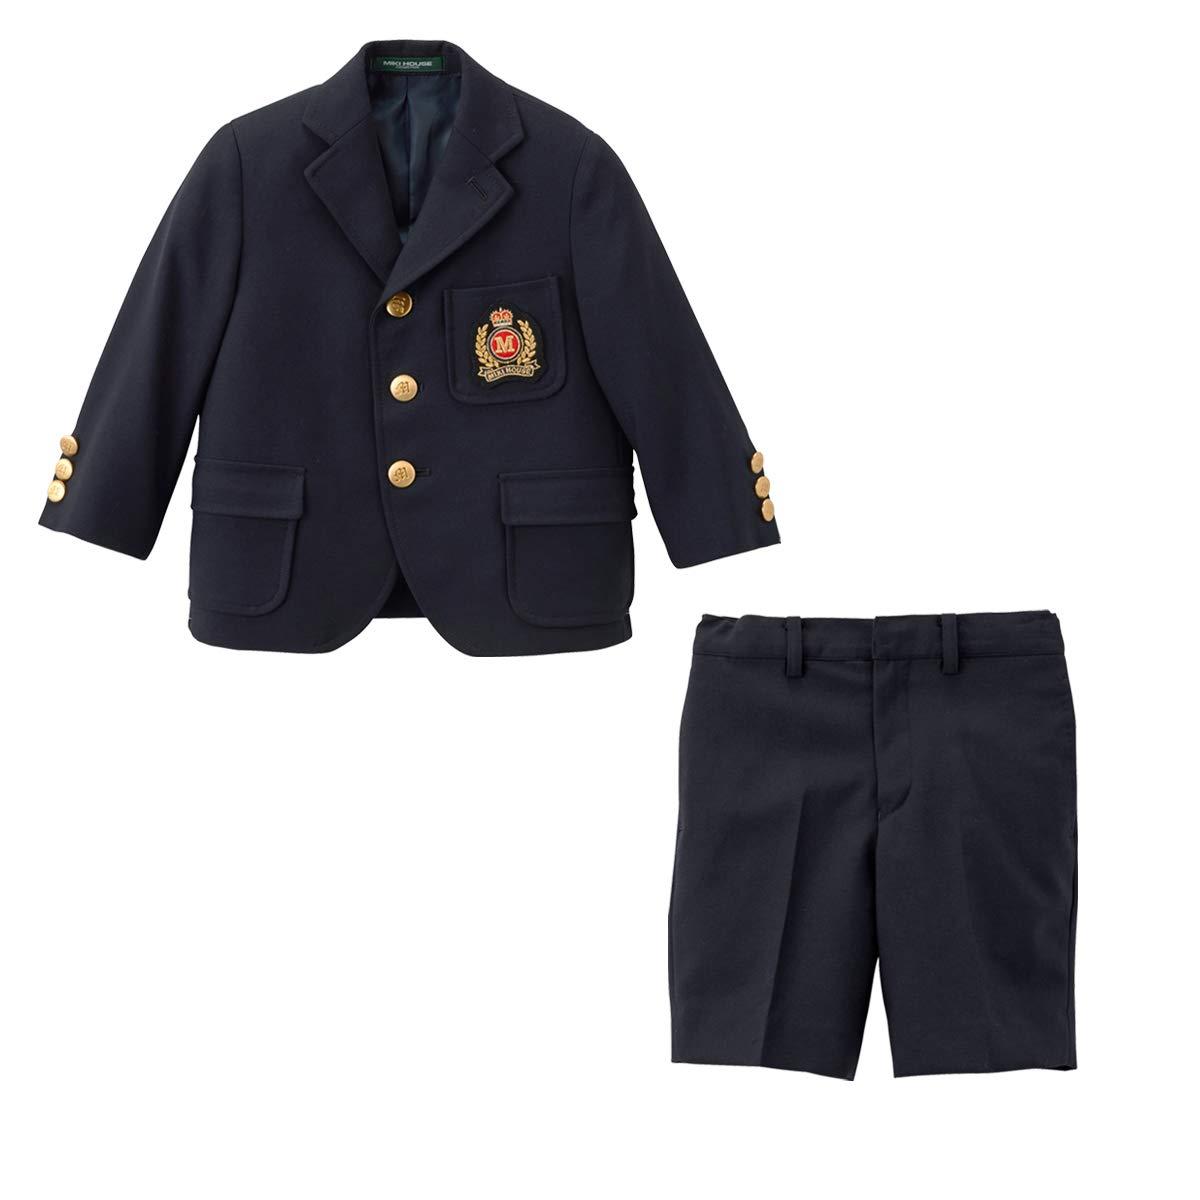 ミキハウス (MIKIHOUSE) スーツ 30-3627-784 120cm 紺 B07G9XLZBD 120|紺 紺 120